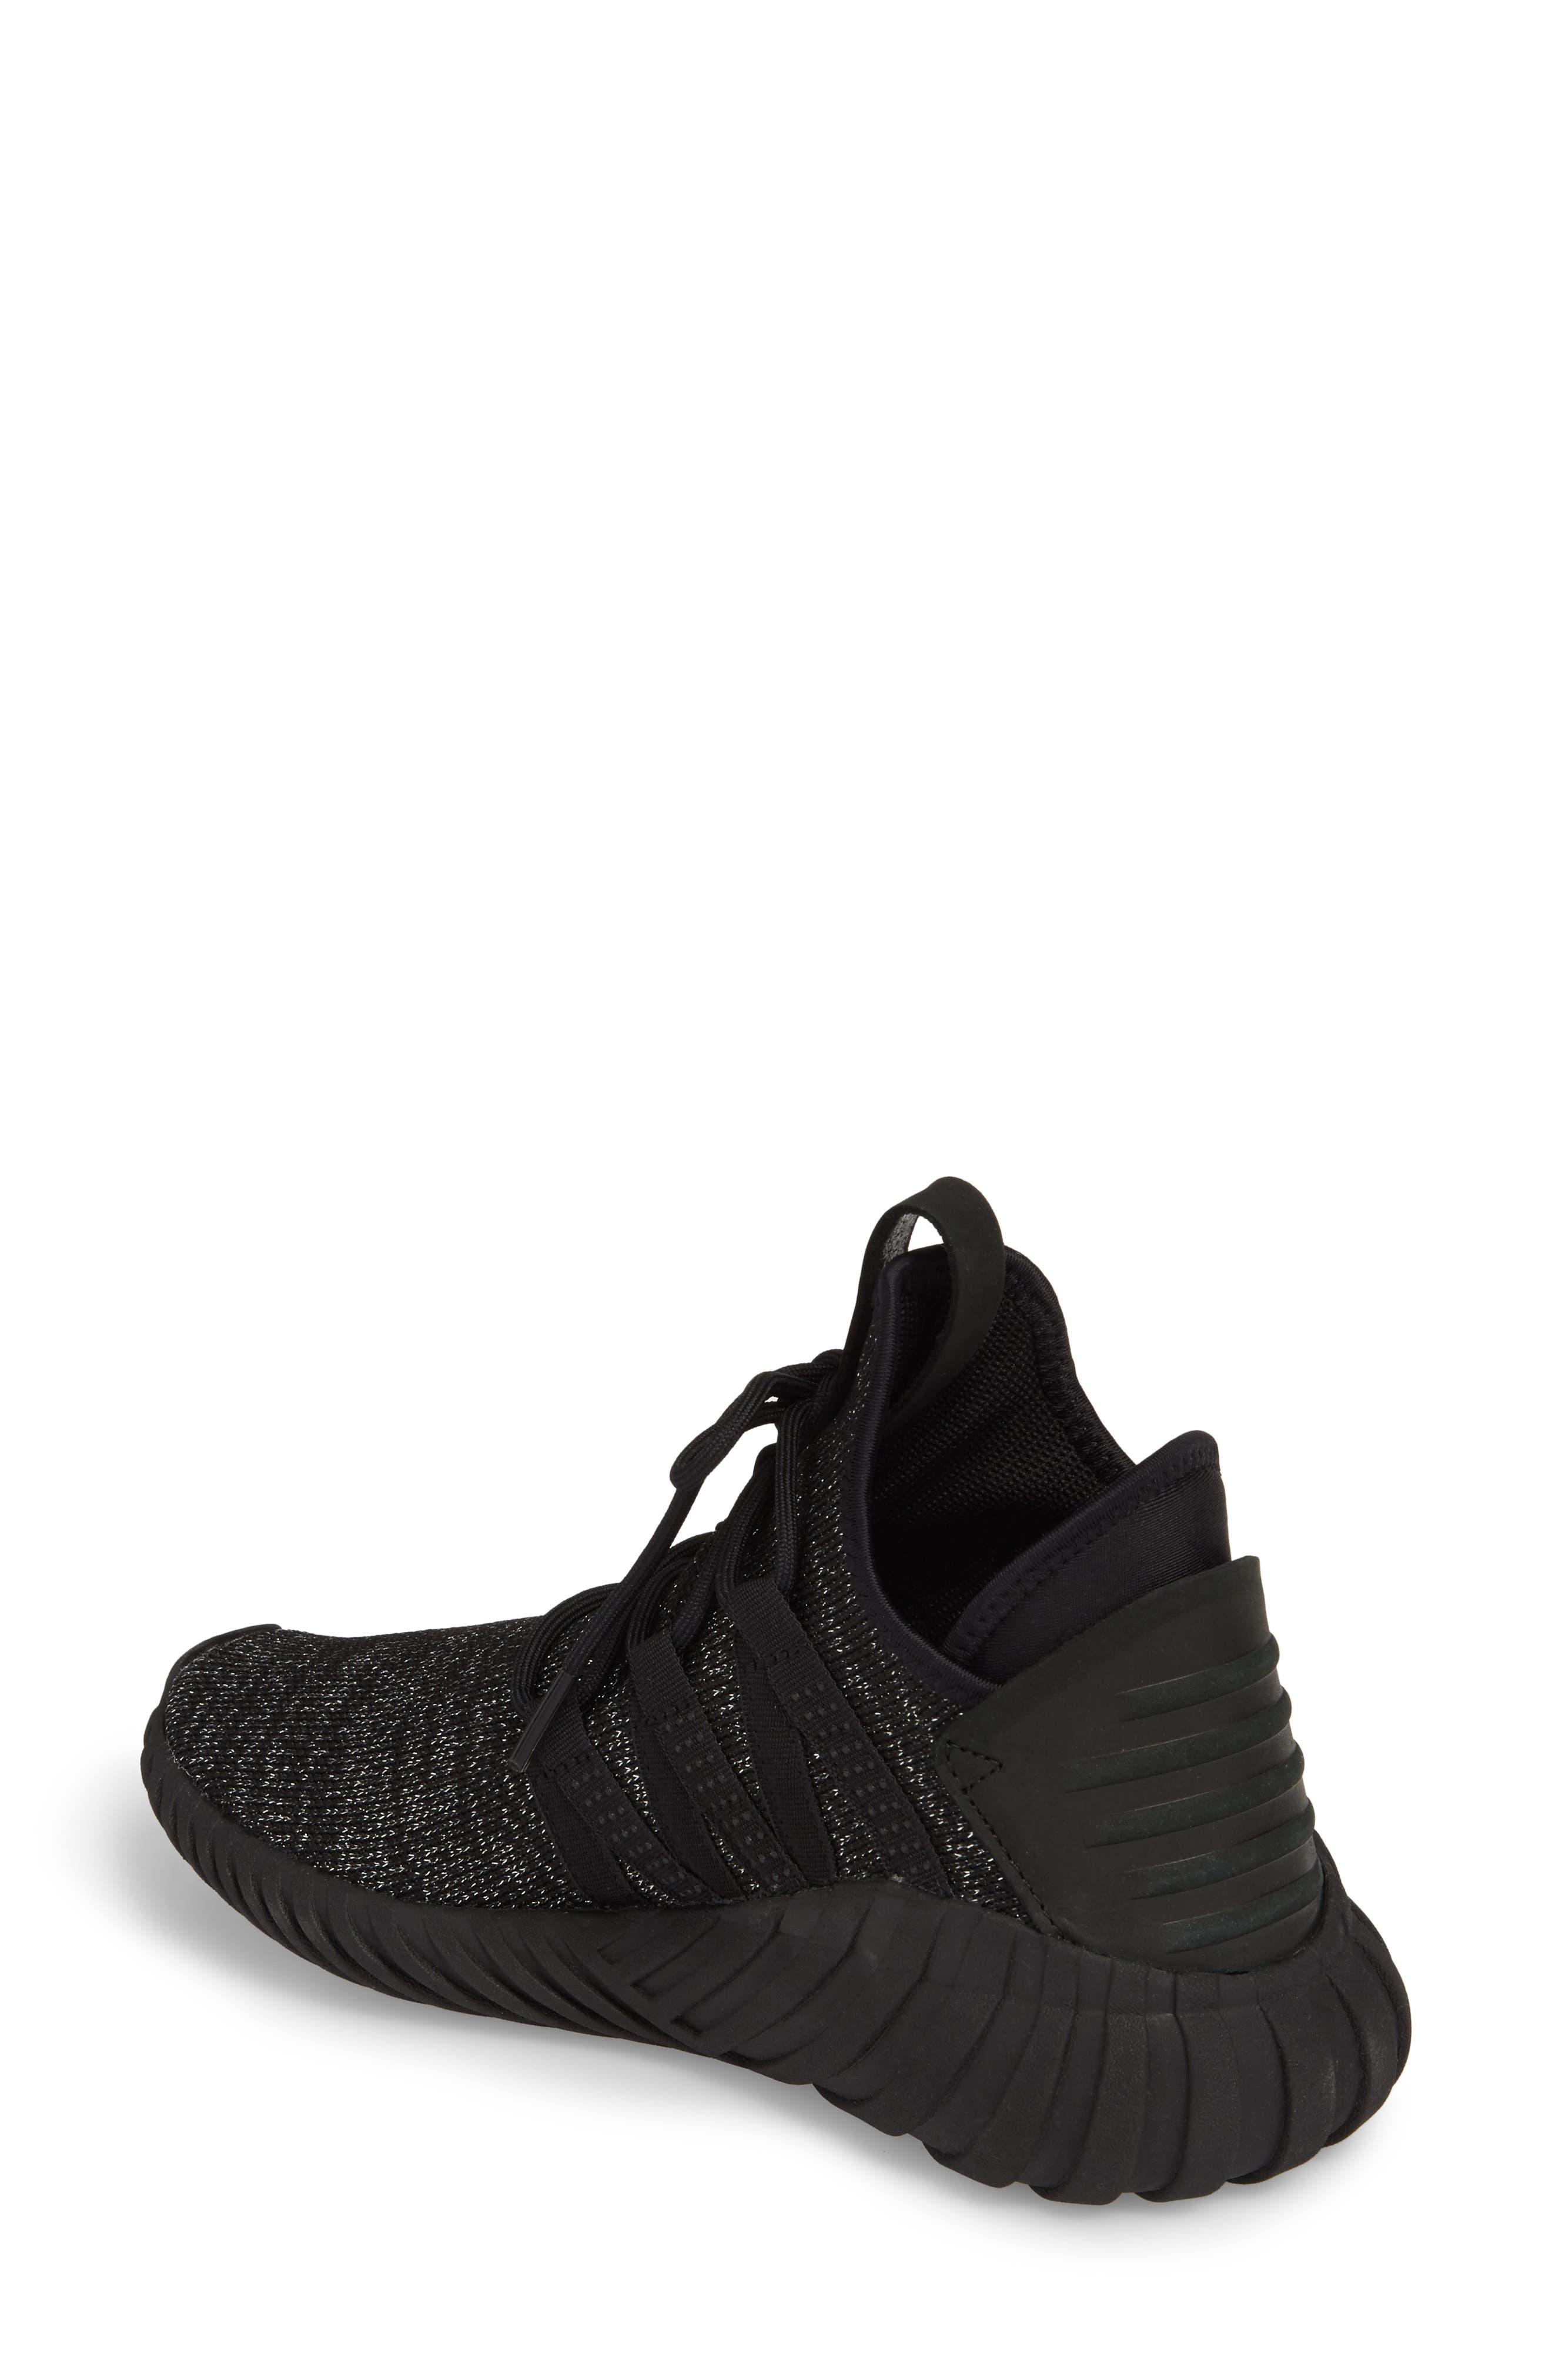 Alternate Image 2  - adidas Tubular Dawn Primeknit Sneaker (Women)